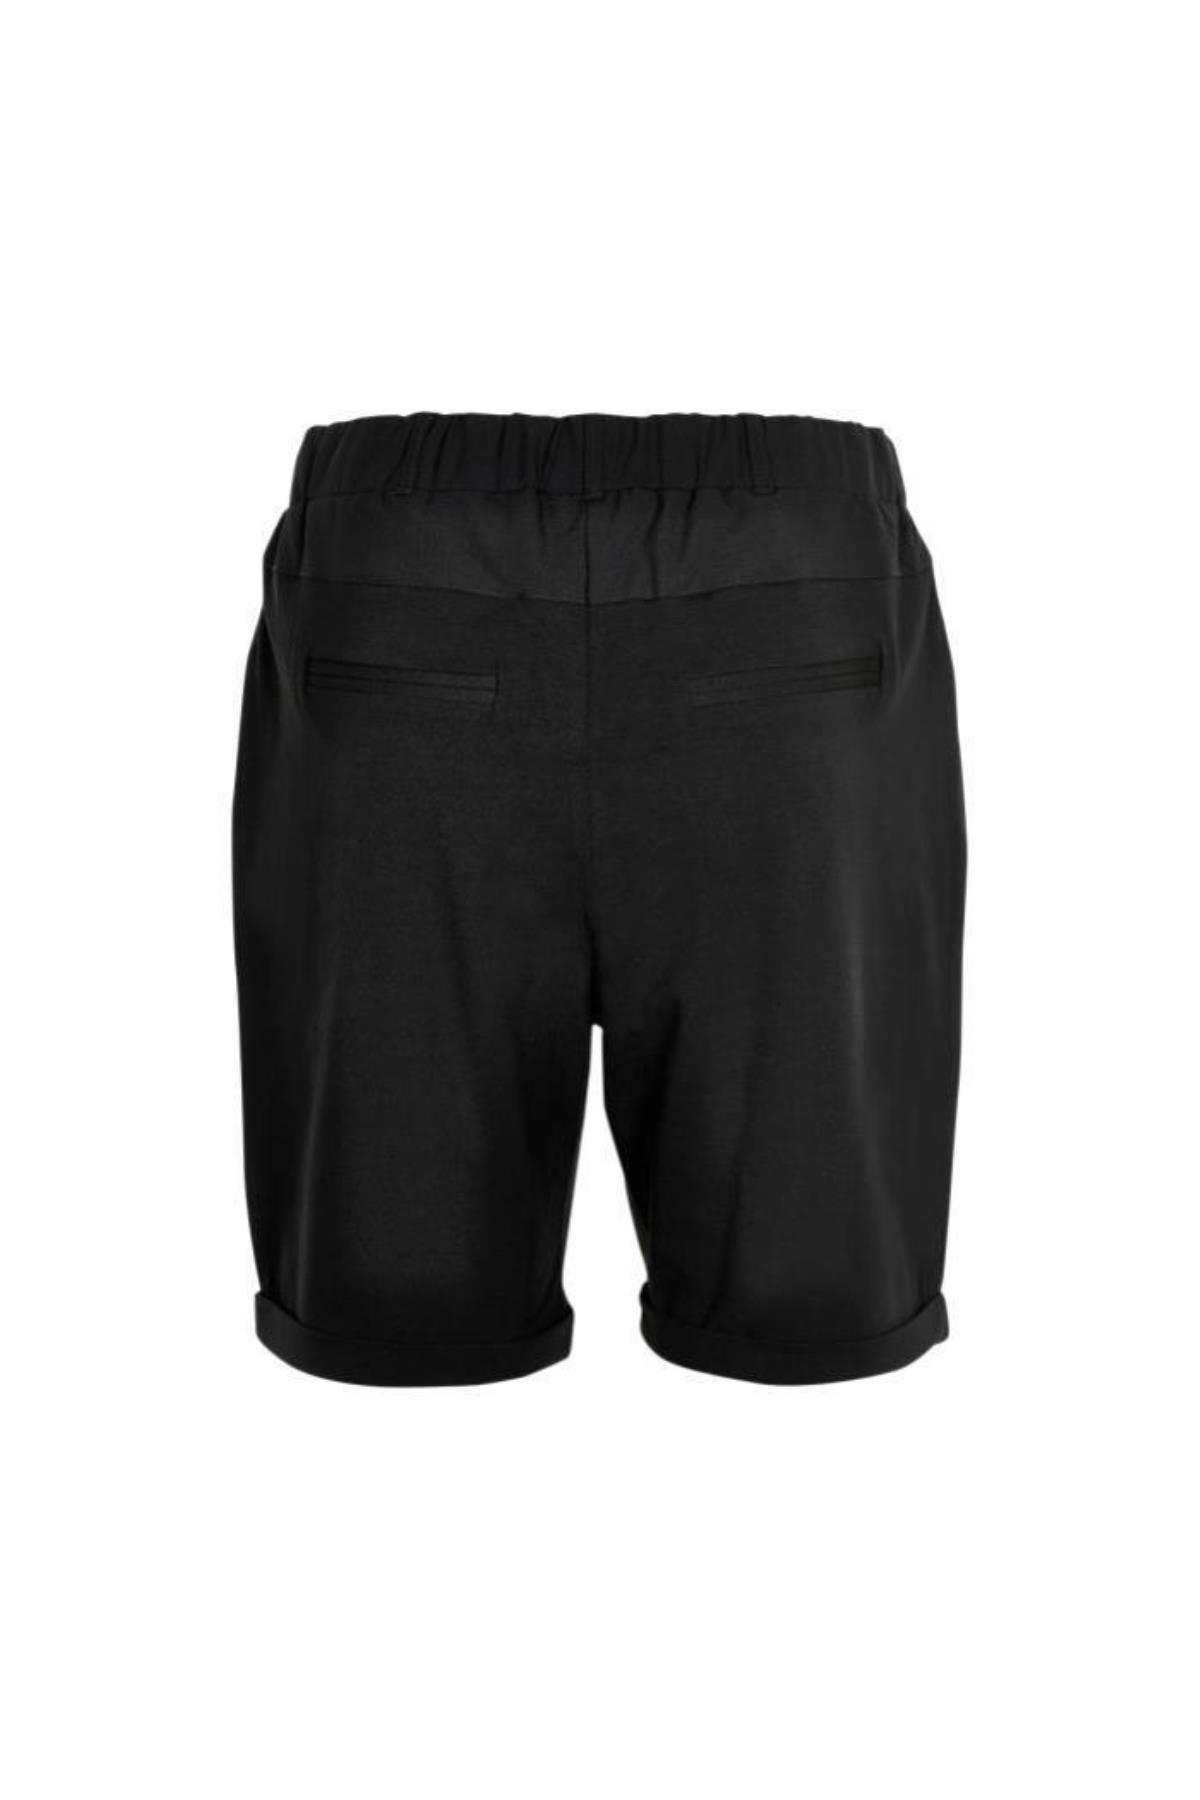 Schwarz Shorts von Kaffe – Shoppen Sie Schwarz Shorts ab Gr. 32-46 hier